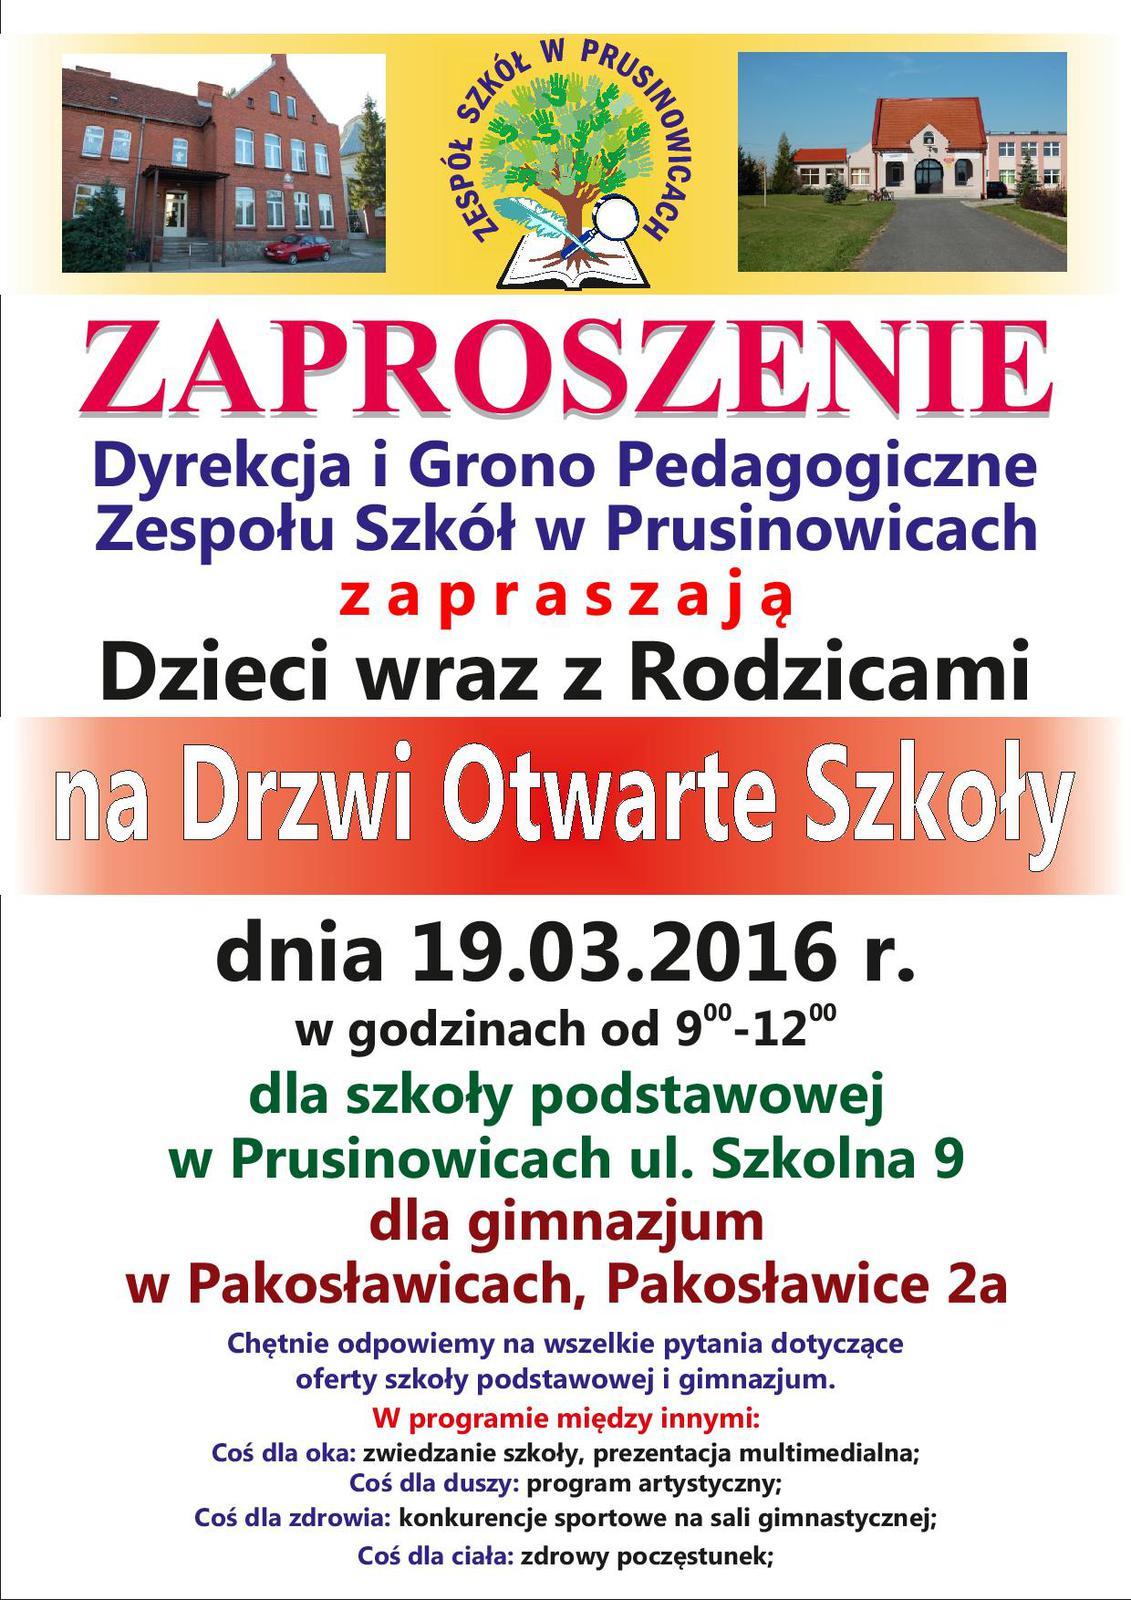 Zespół Szkół W Prusinowicach Zaprasza Na Dni Otwarte Urząd Gminy